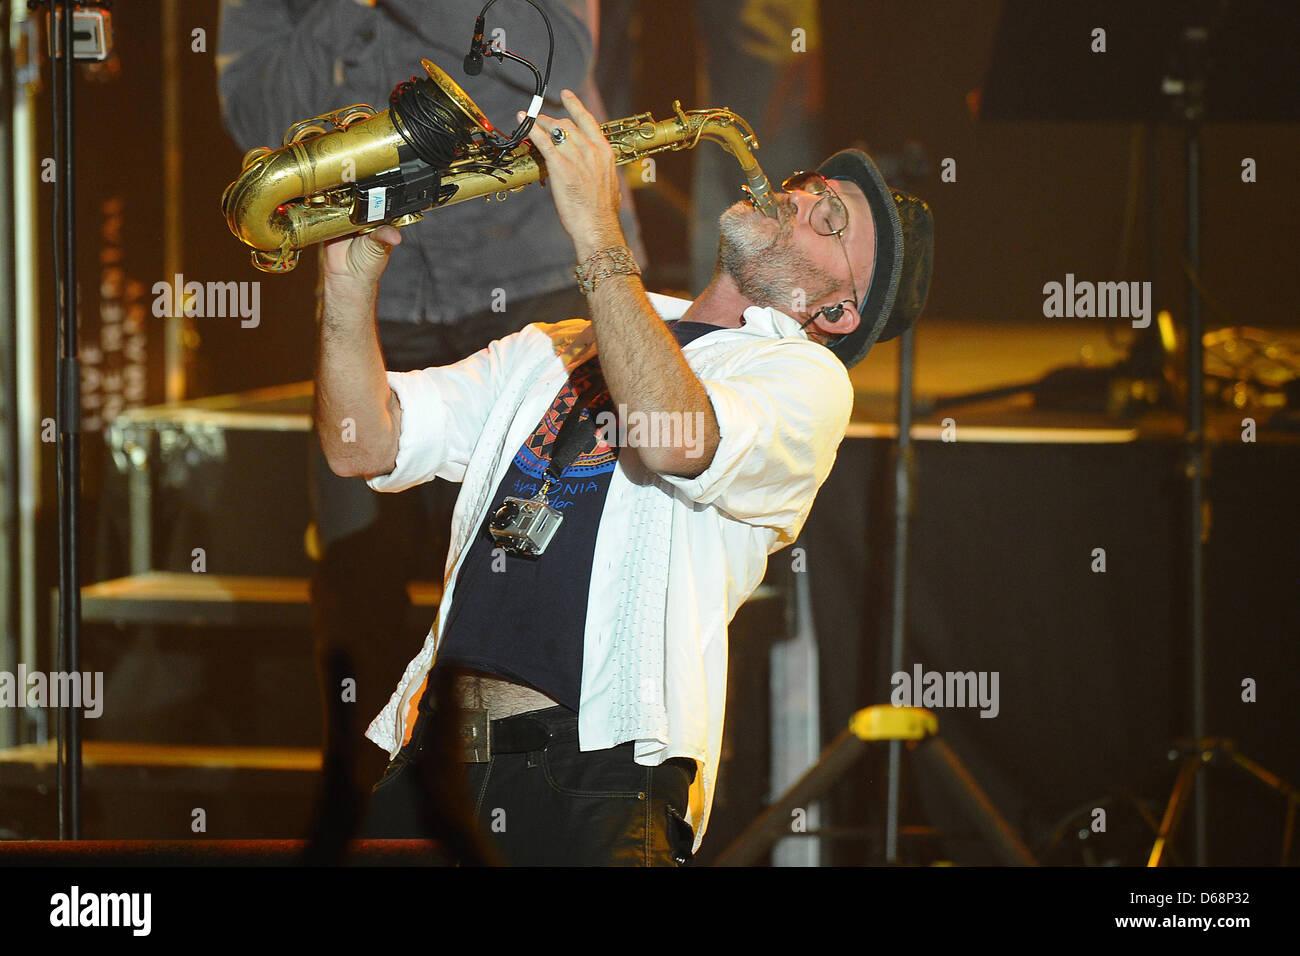 Saxophonist Todd Cooper führt auf der Bühne während The Alan Parsons Live Project Tour 2012 im Circus Krone in München, 19. Juli 2012. Foto: Revierfoto Stockfoto